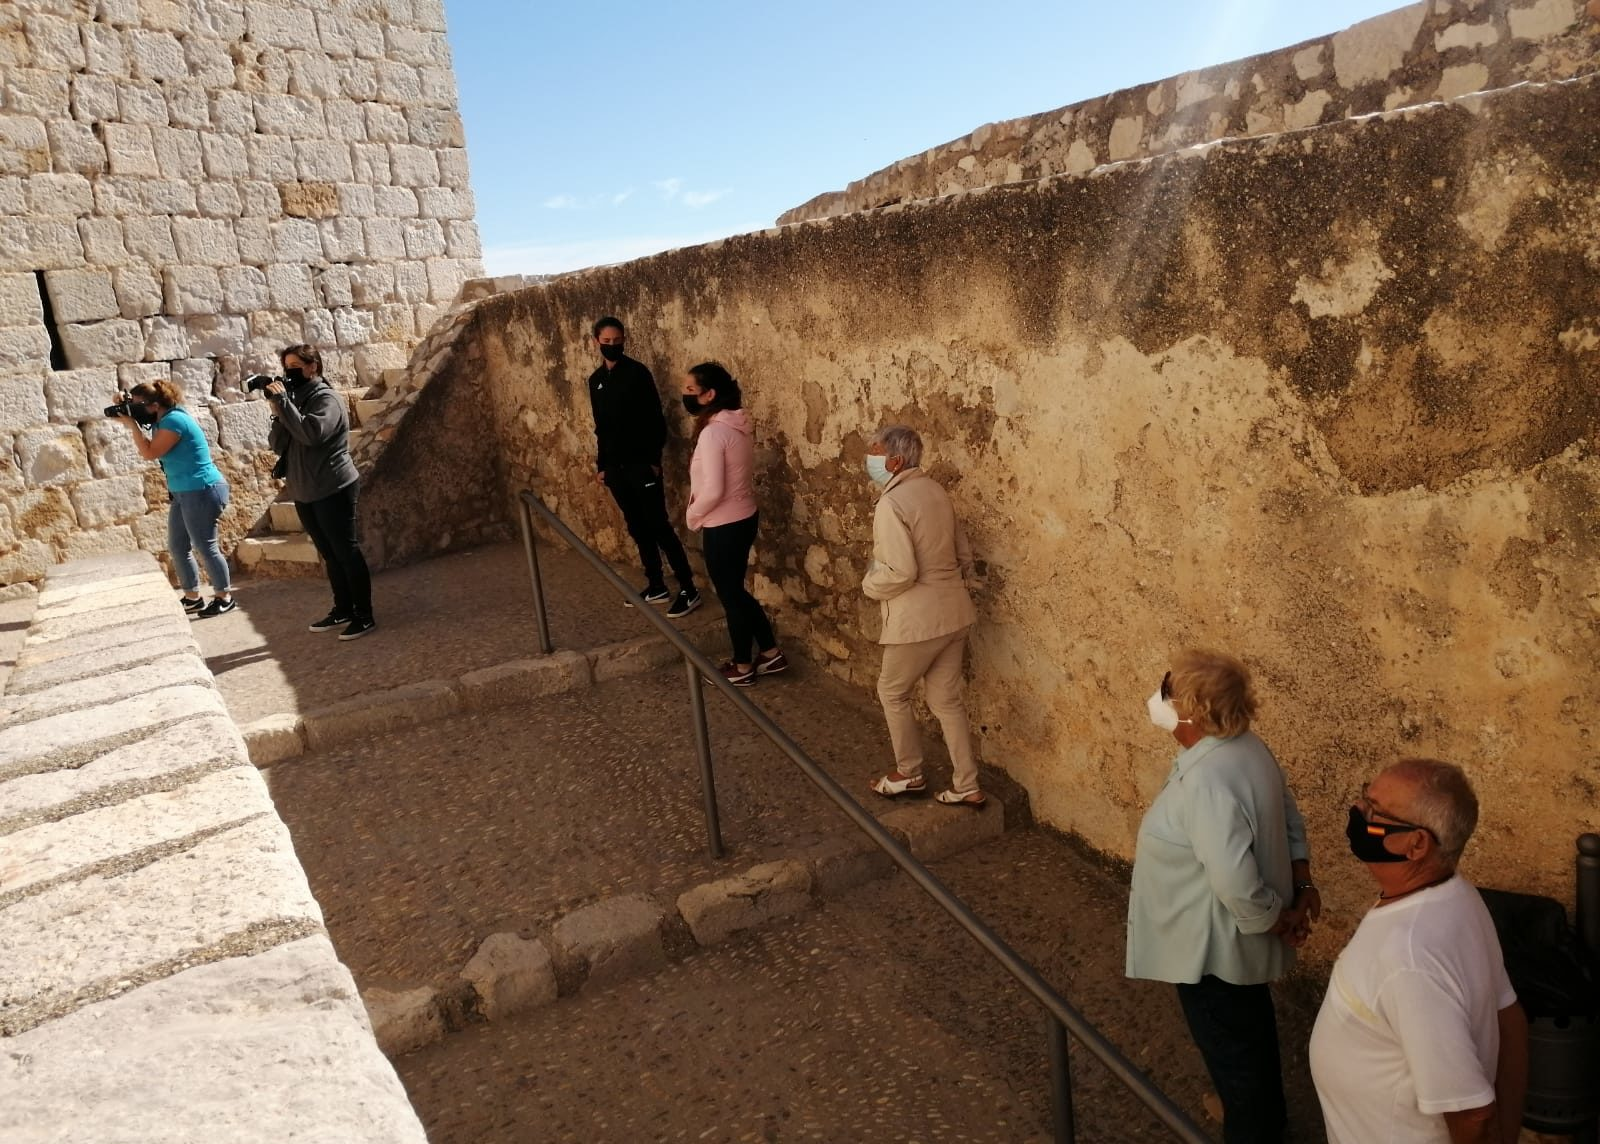 Més de 1.000 visites rep el Castell de Peníscola durant la jornada de portes obertes